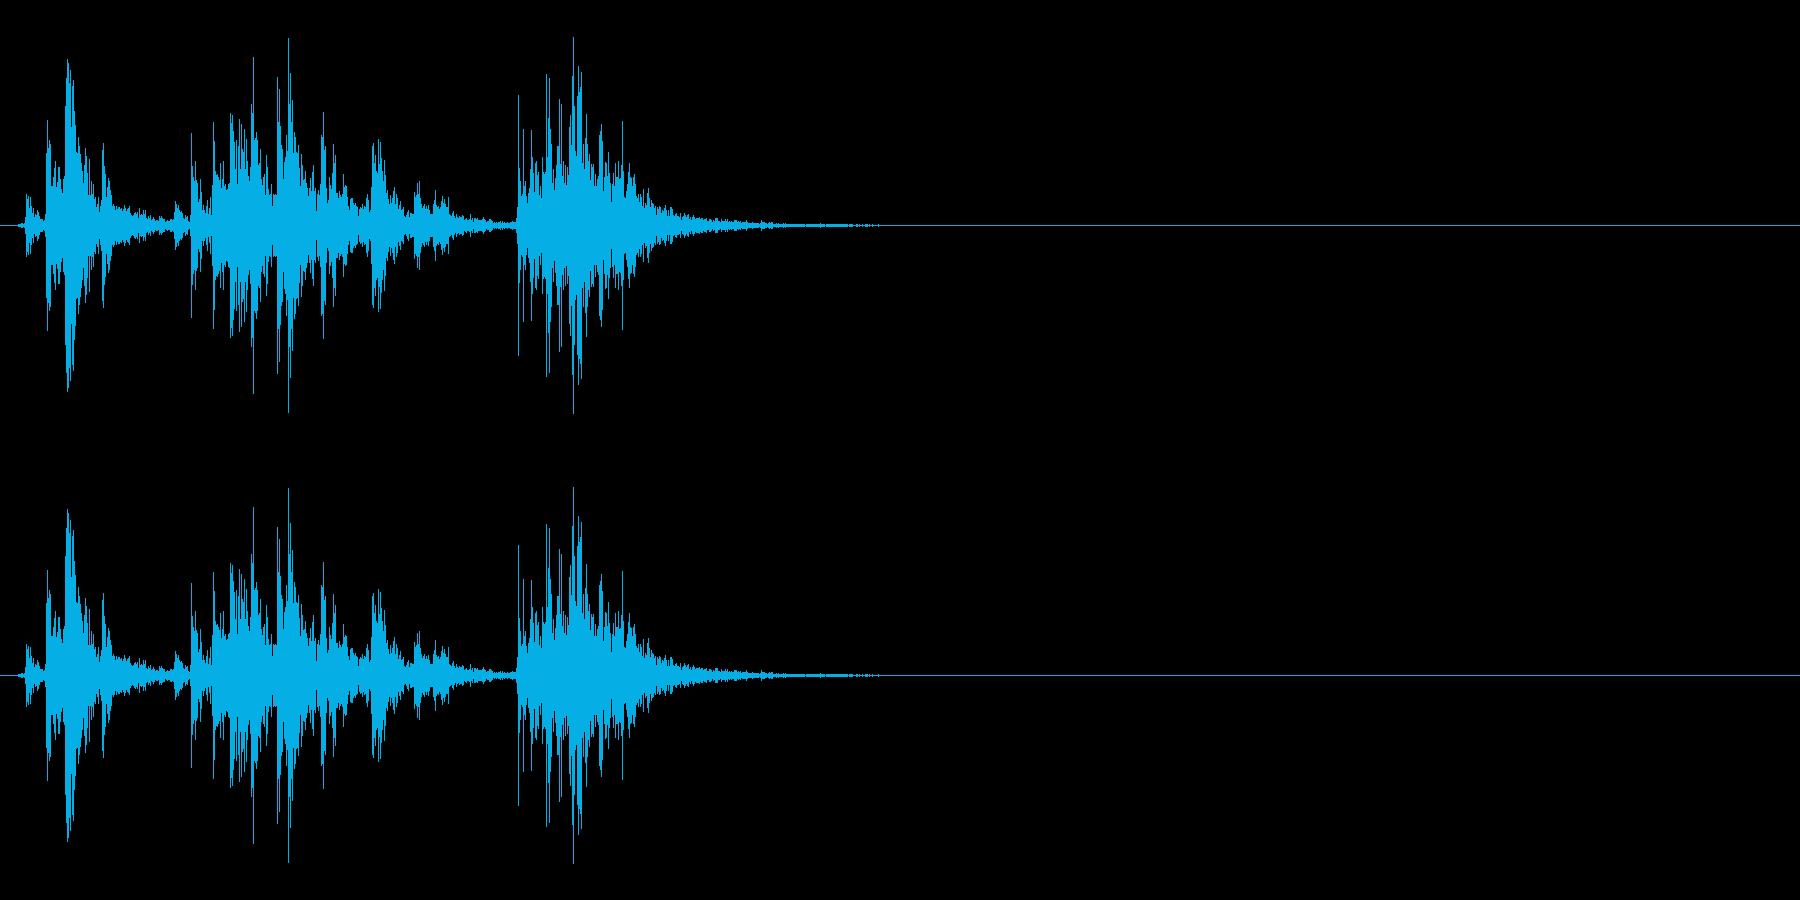 アタッシュケースの留め具を開ける音の再生済みの波形